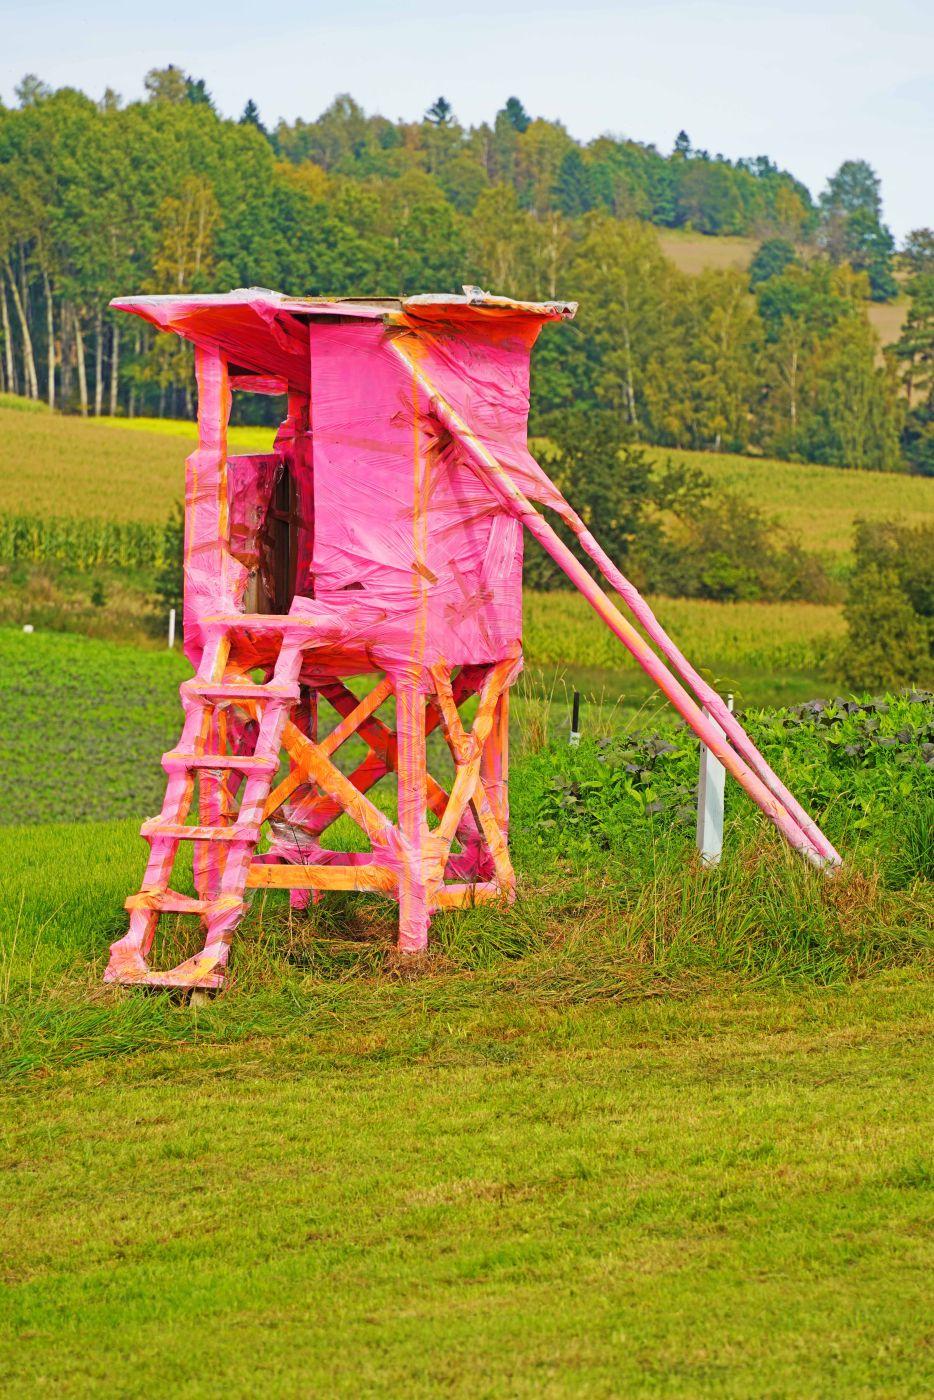 Raised hide in pink, Germany